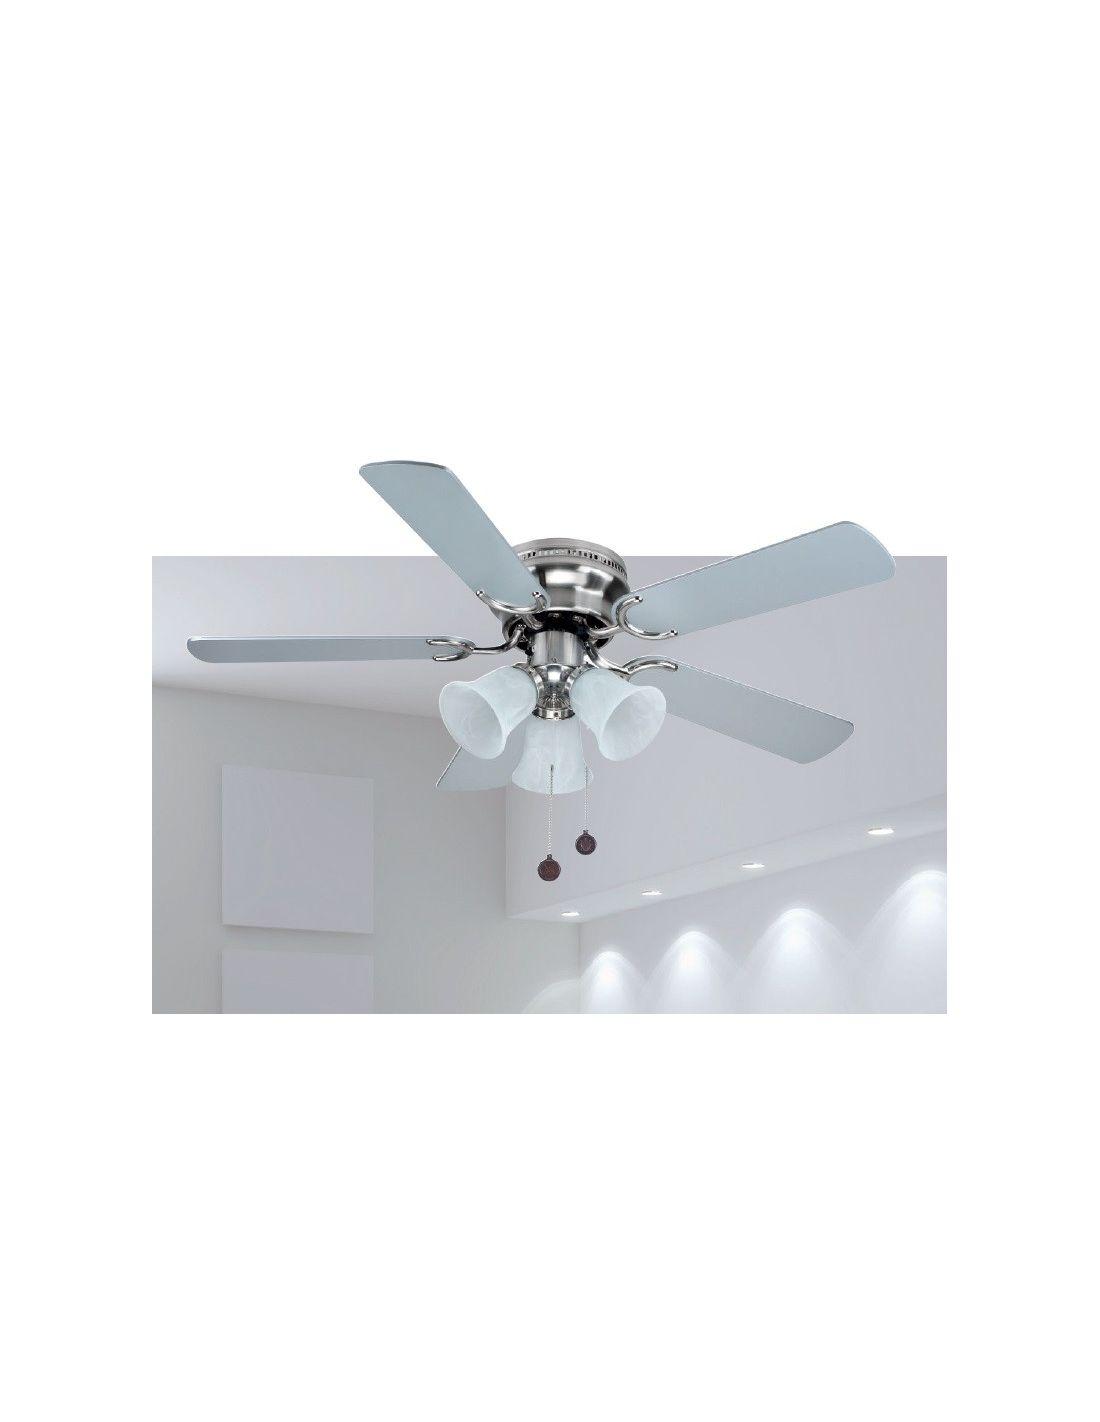 Comprar ventilador por internet ventilador westland - Lamparas con ventilador ...